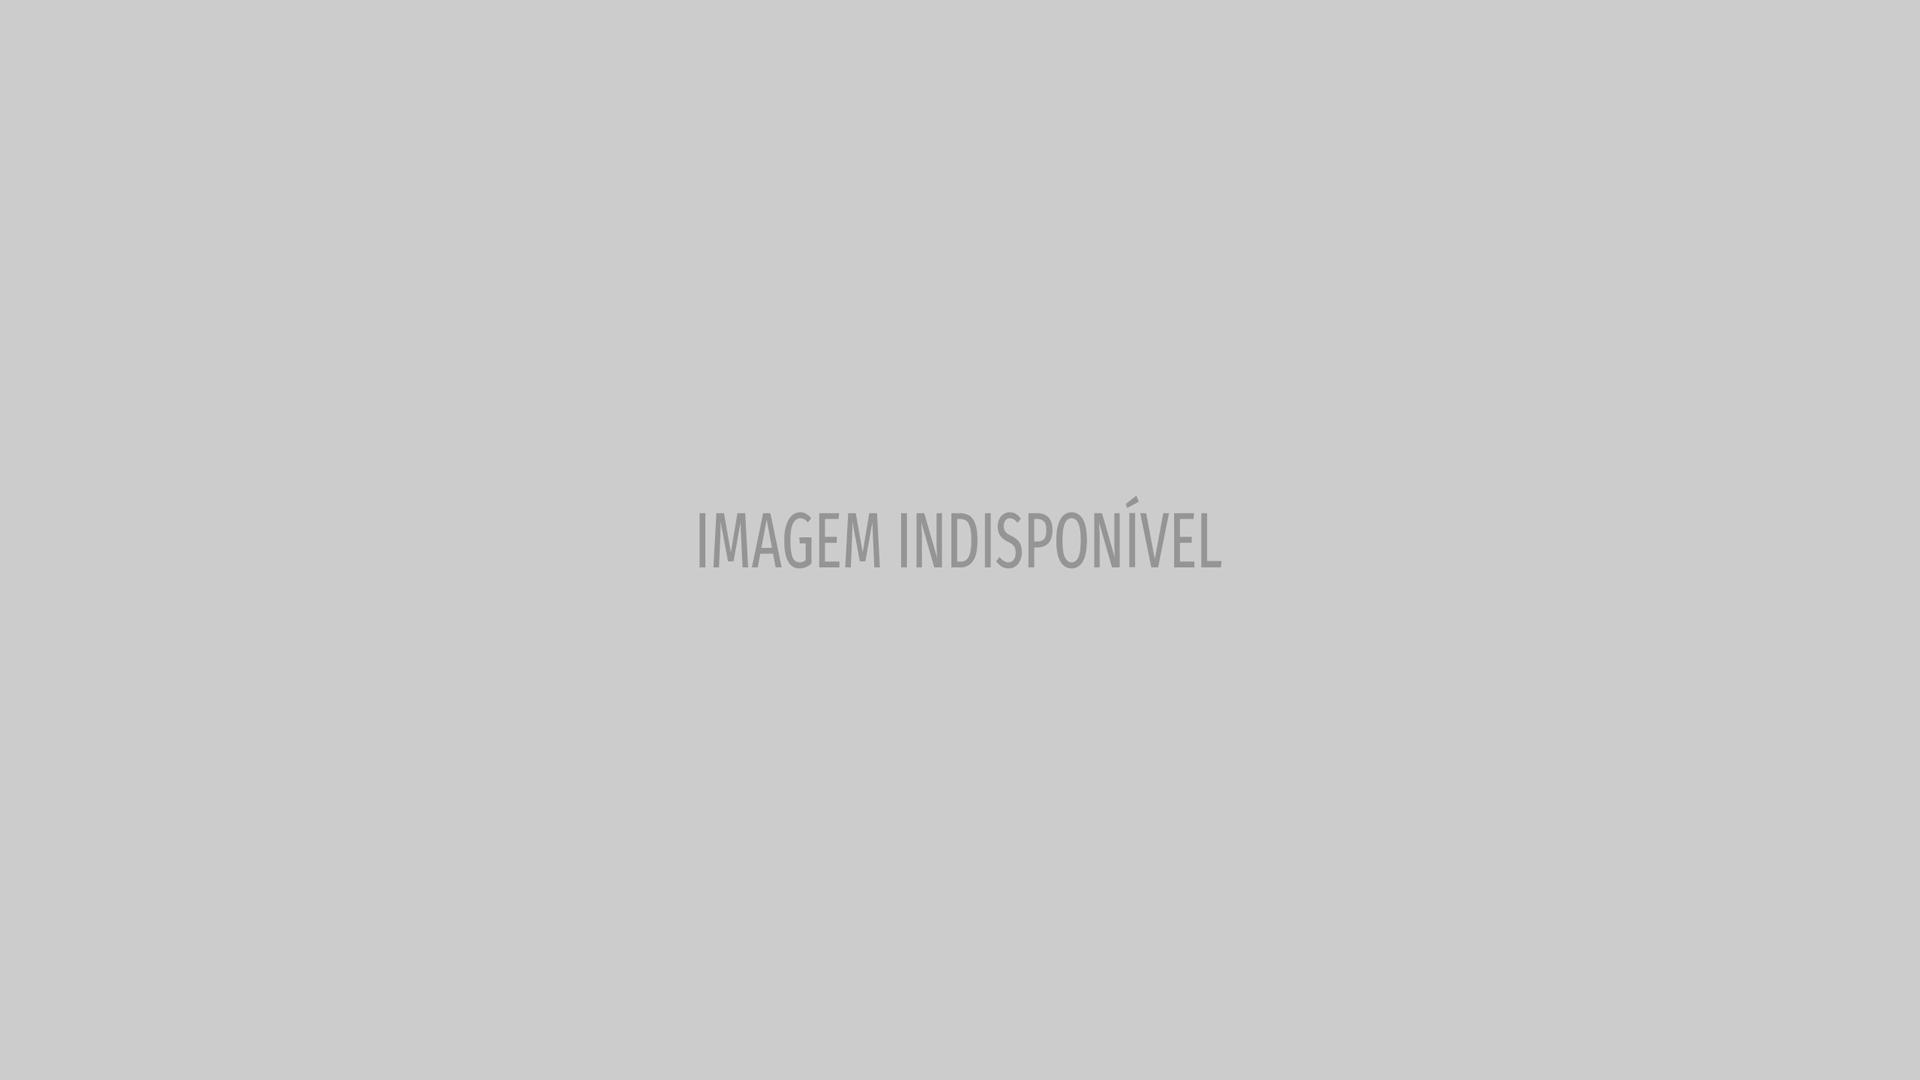 Mãe de Túlio Gadelha não aprova namoro com Fátima, diz colunista